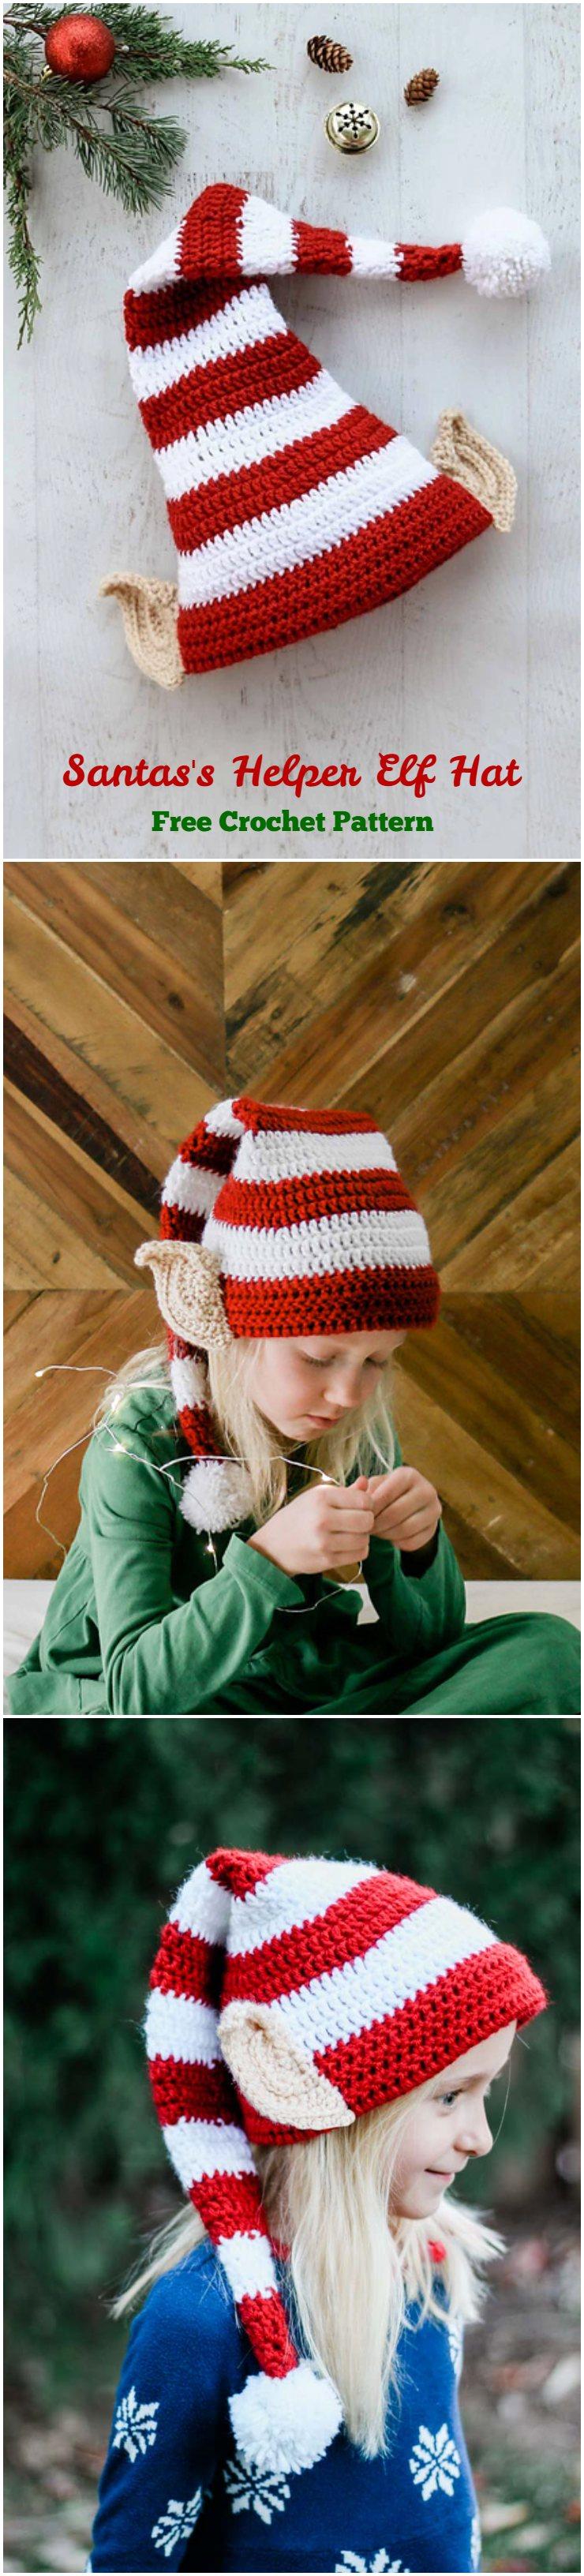 Crochet Santas Hepler Elf Hat